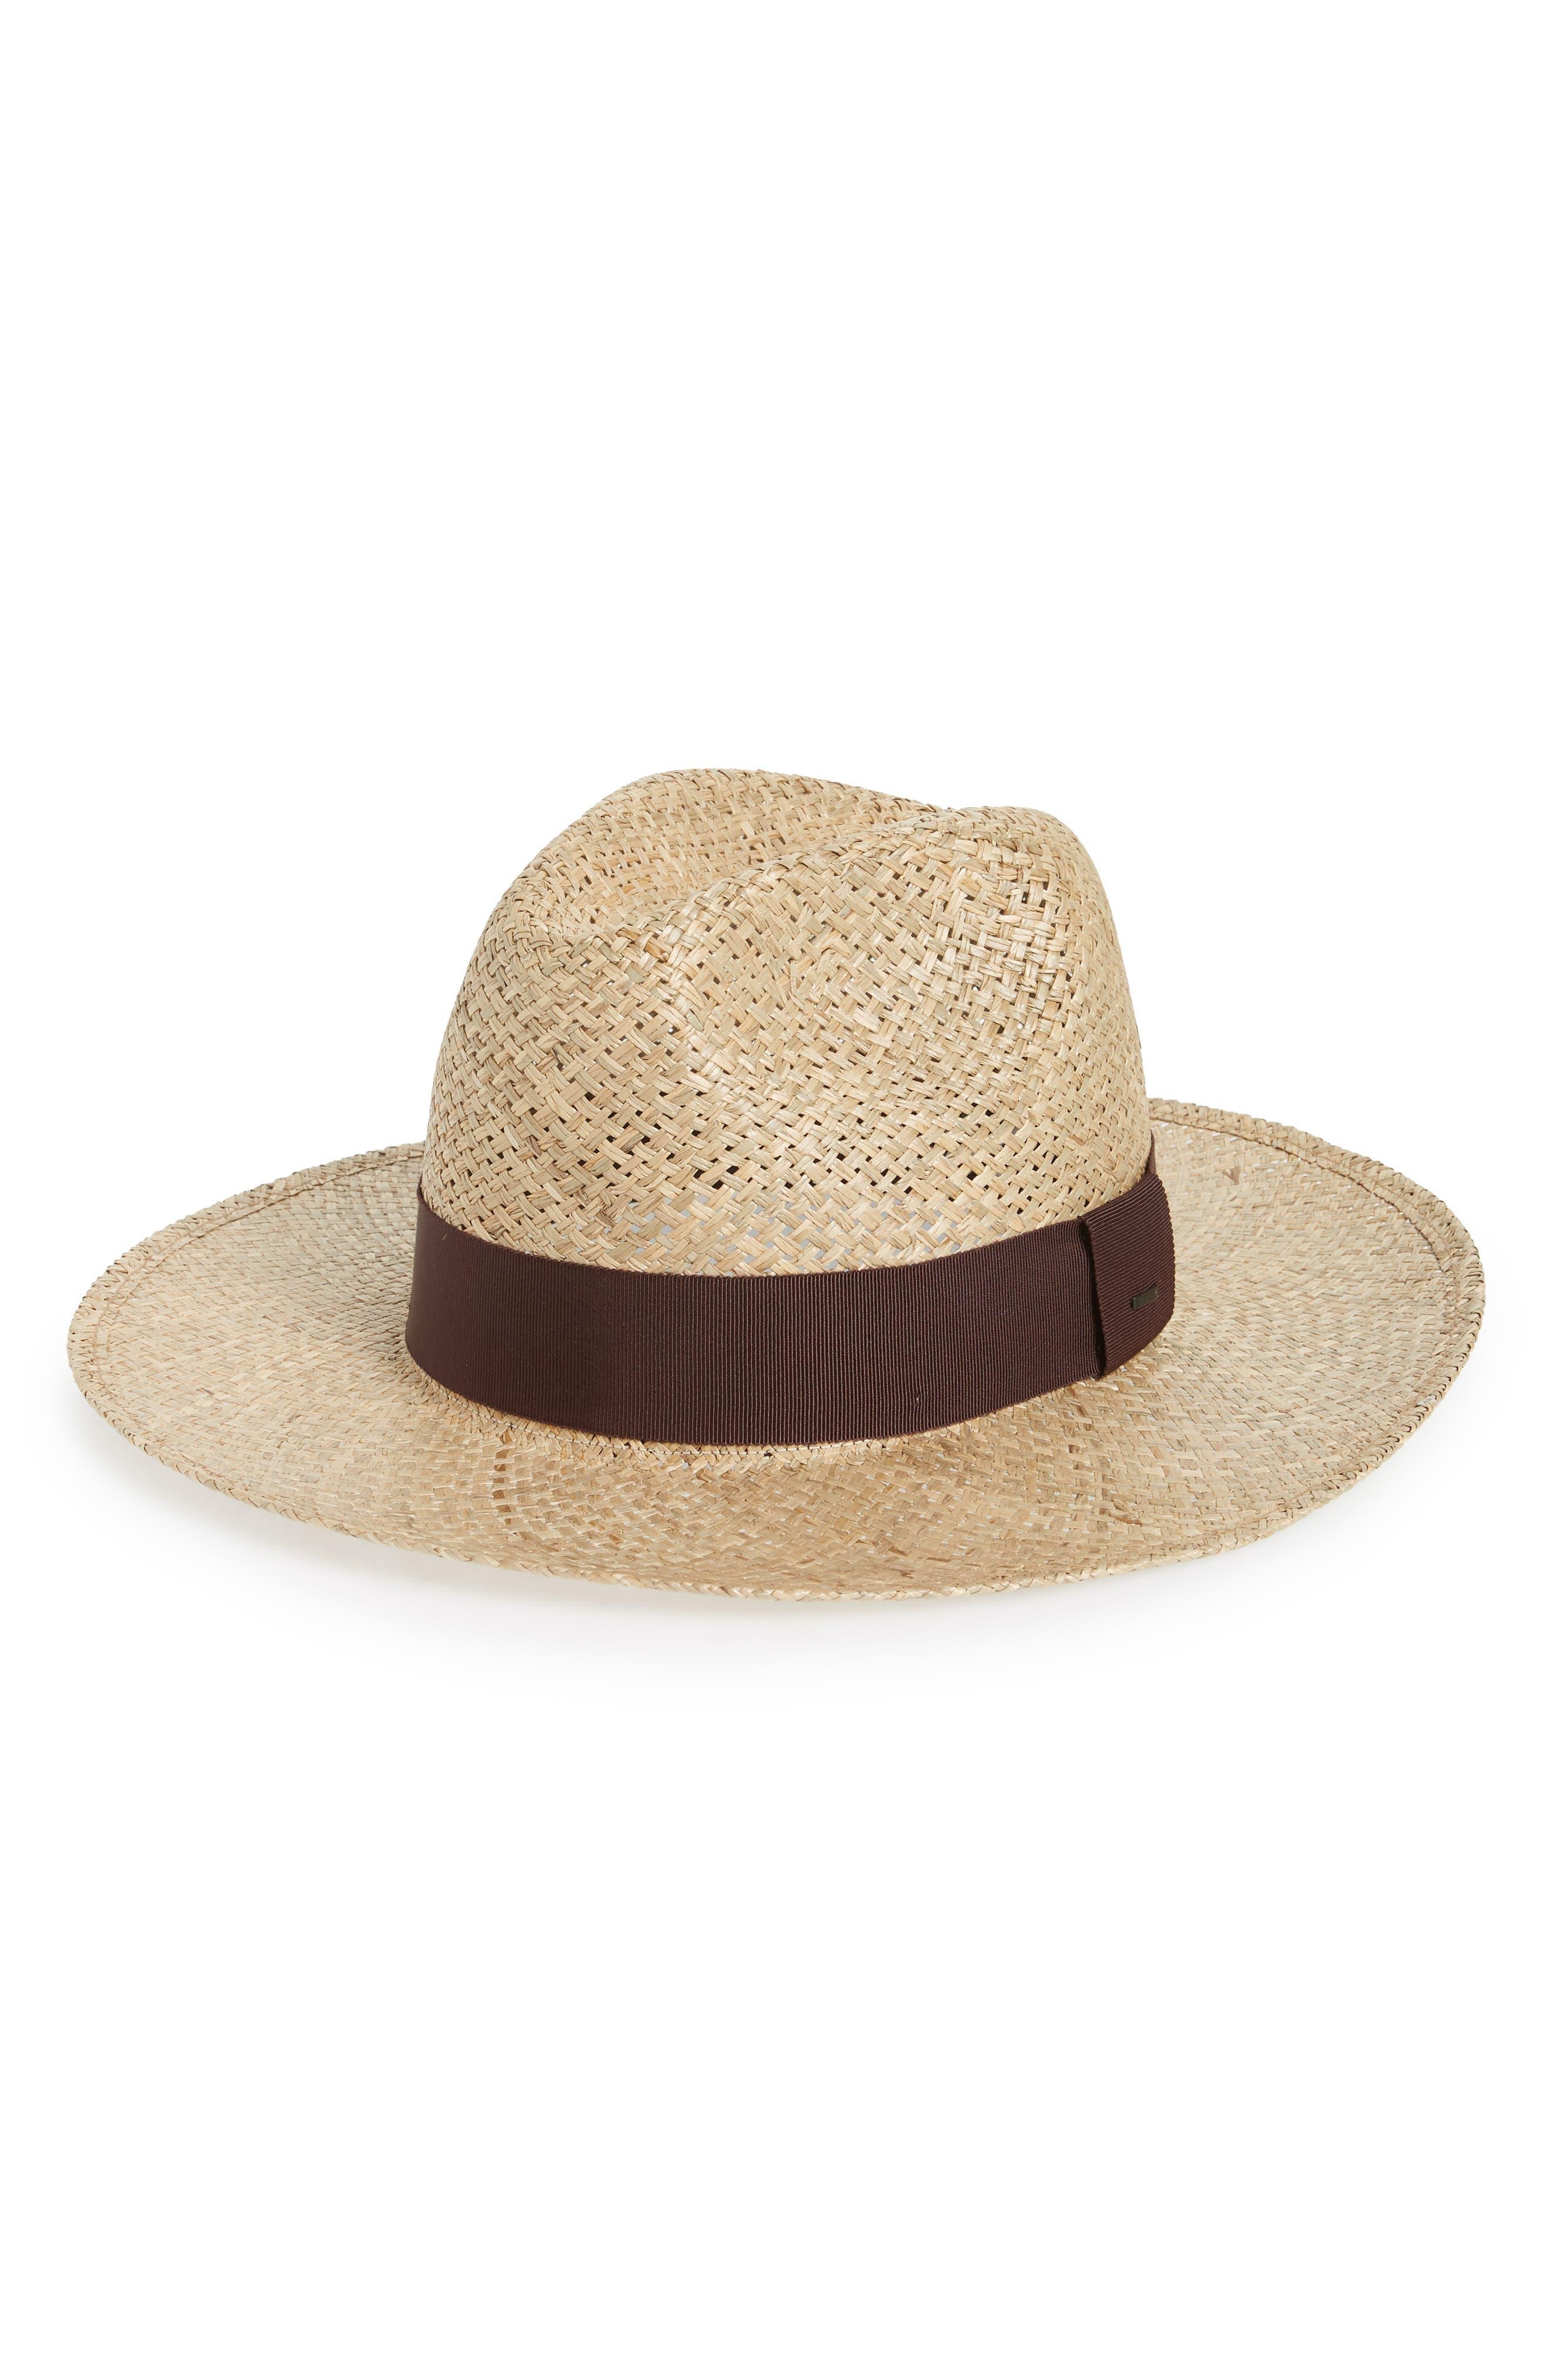 Kasmen Straw Hat,                         Main,                         color,